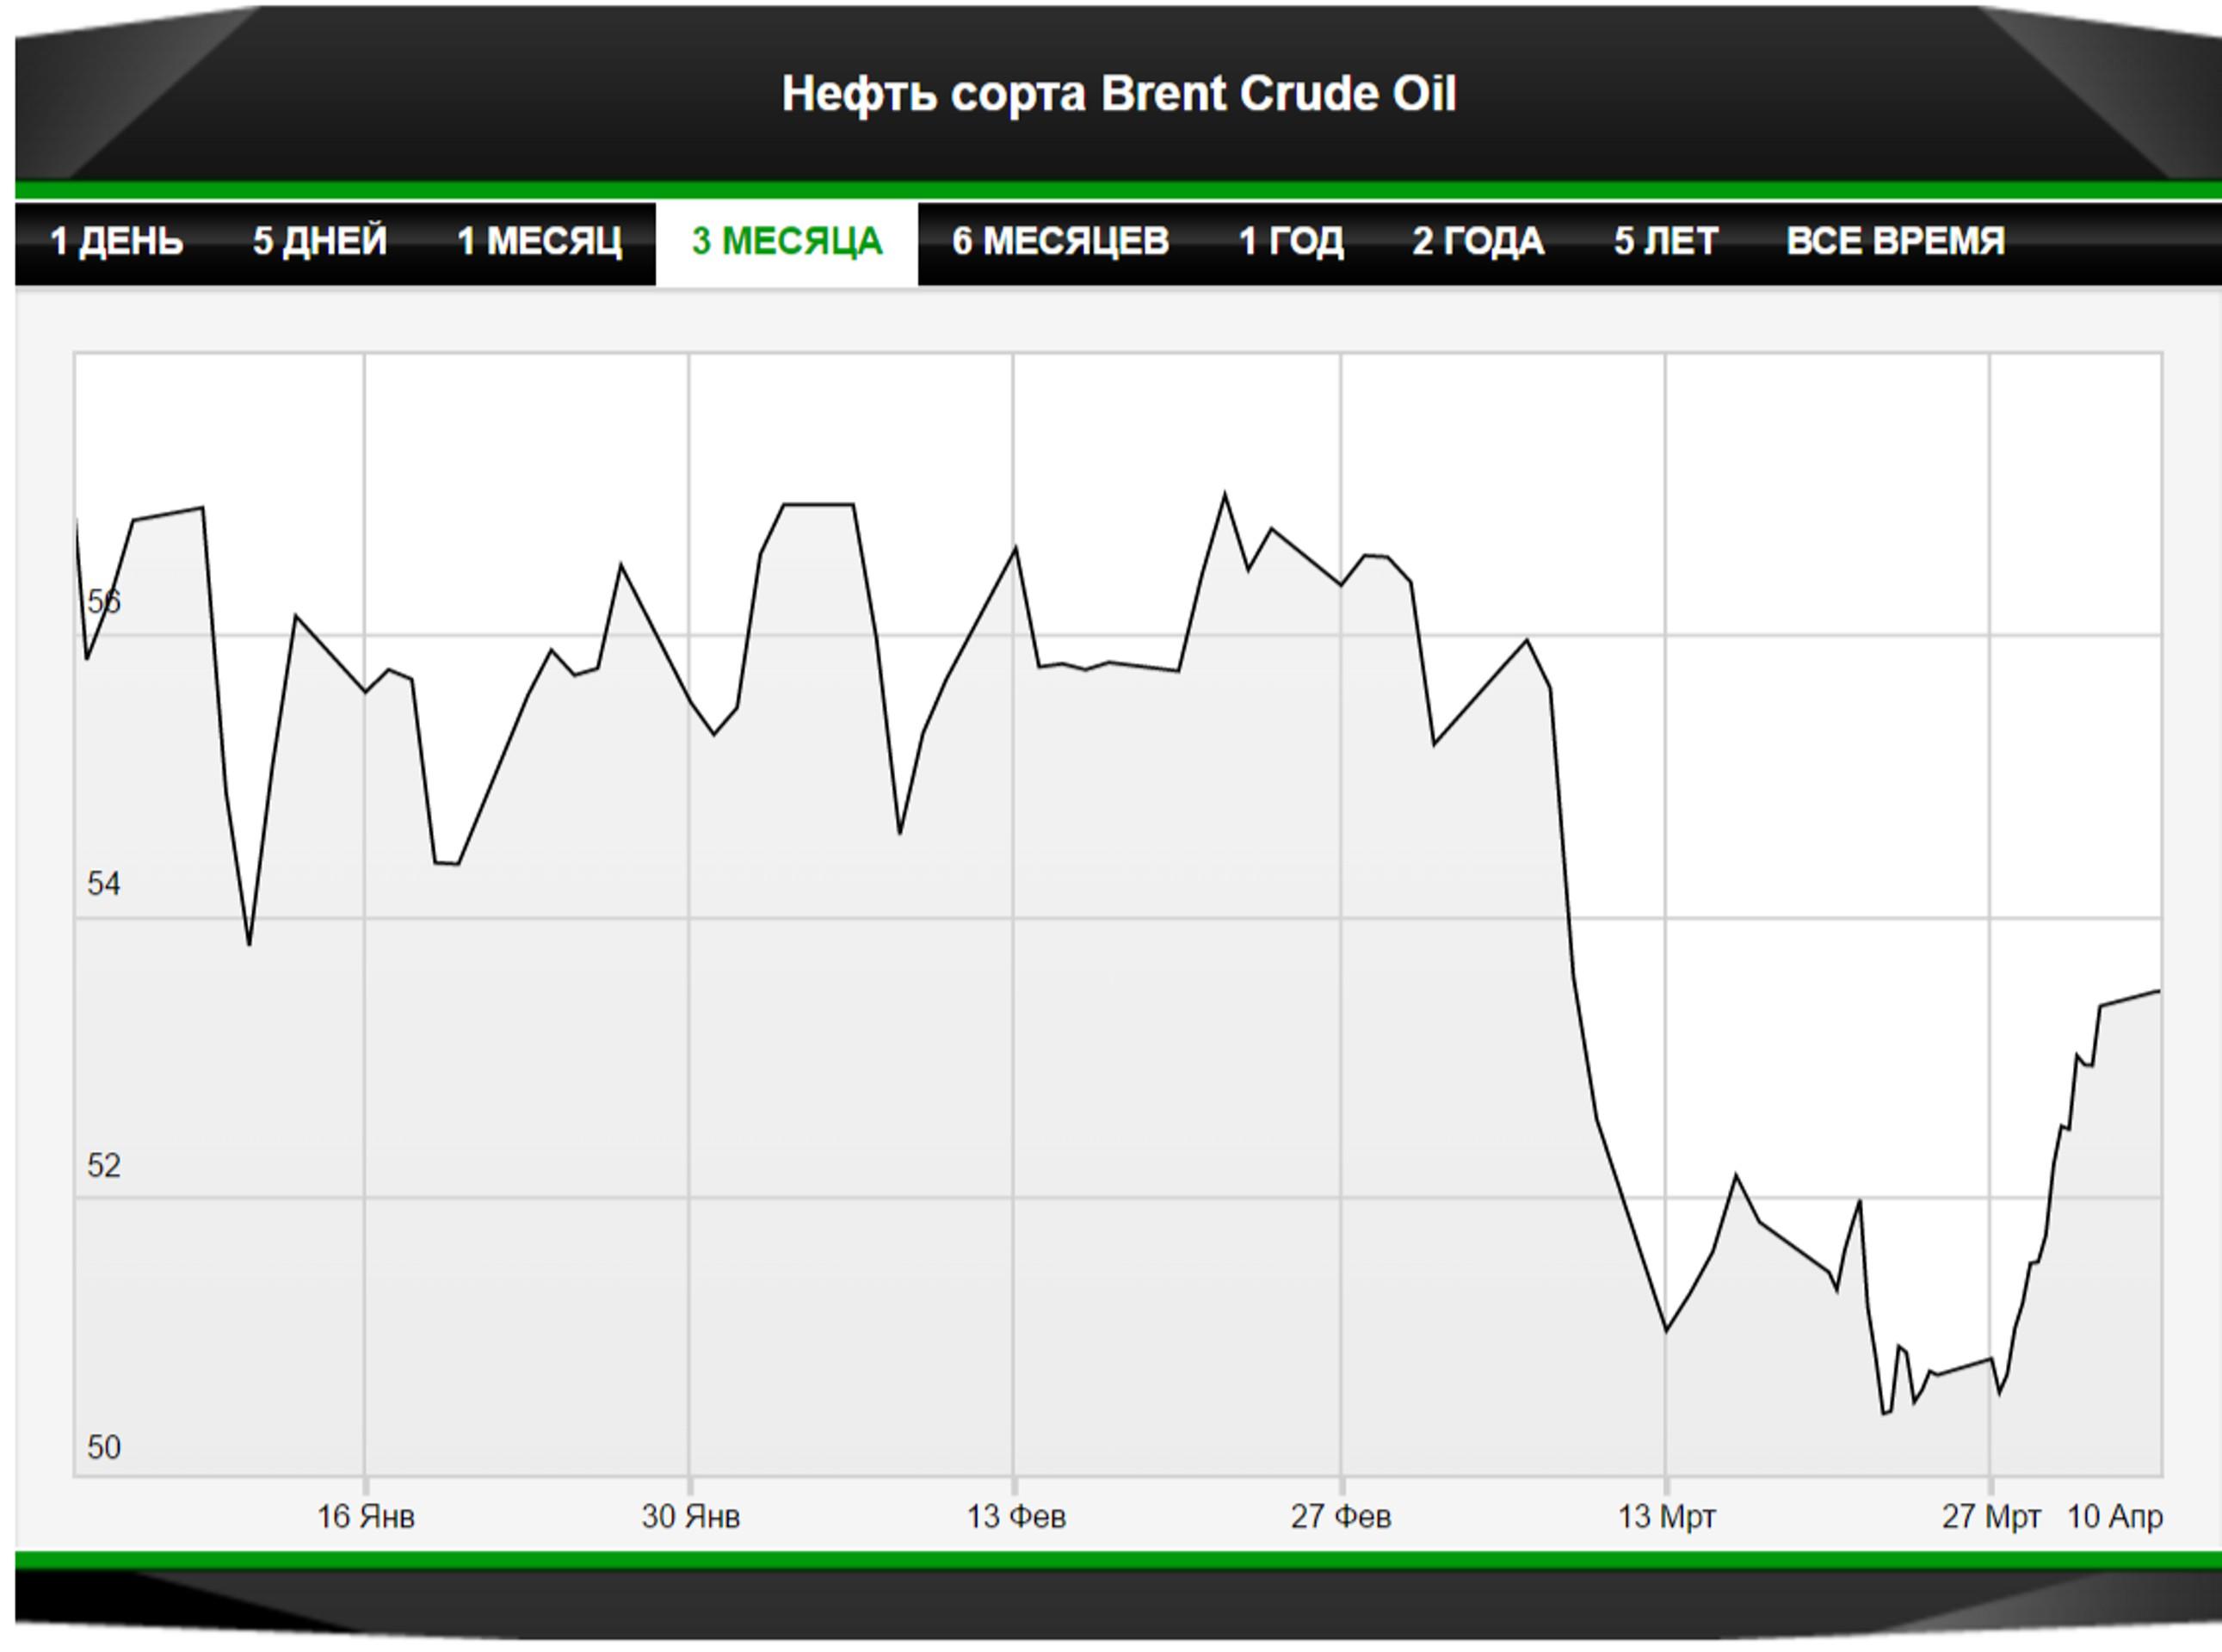 Прогноз на неделю: что ждать от рынка нефти?